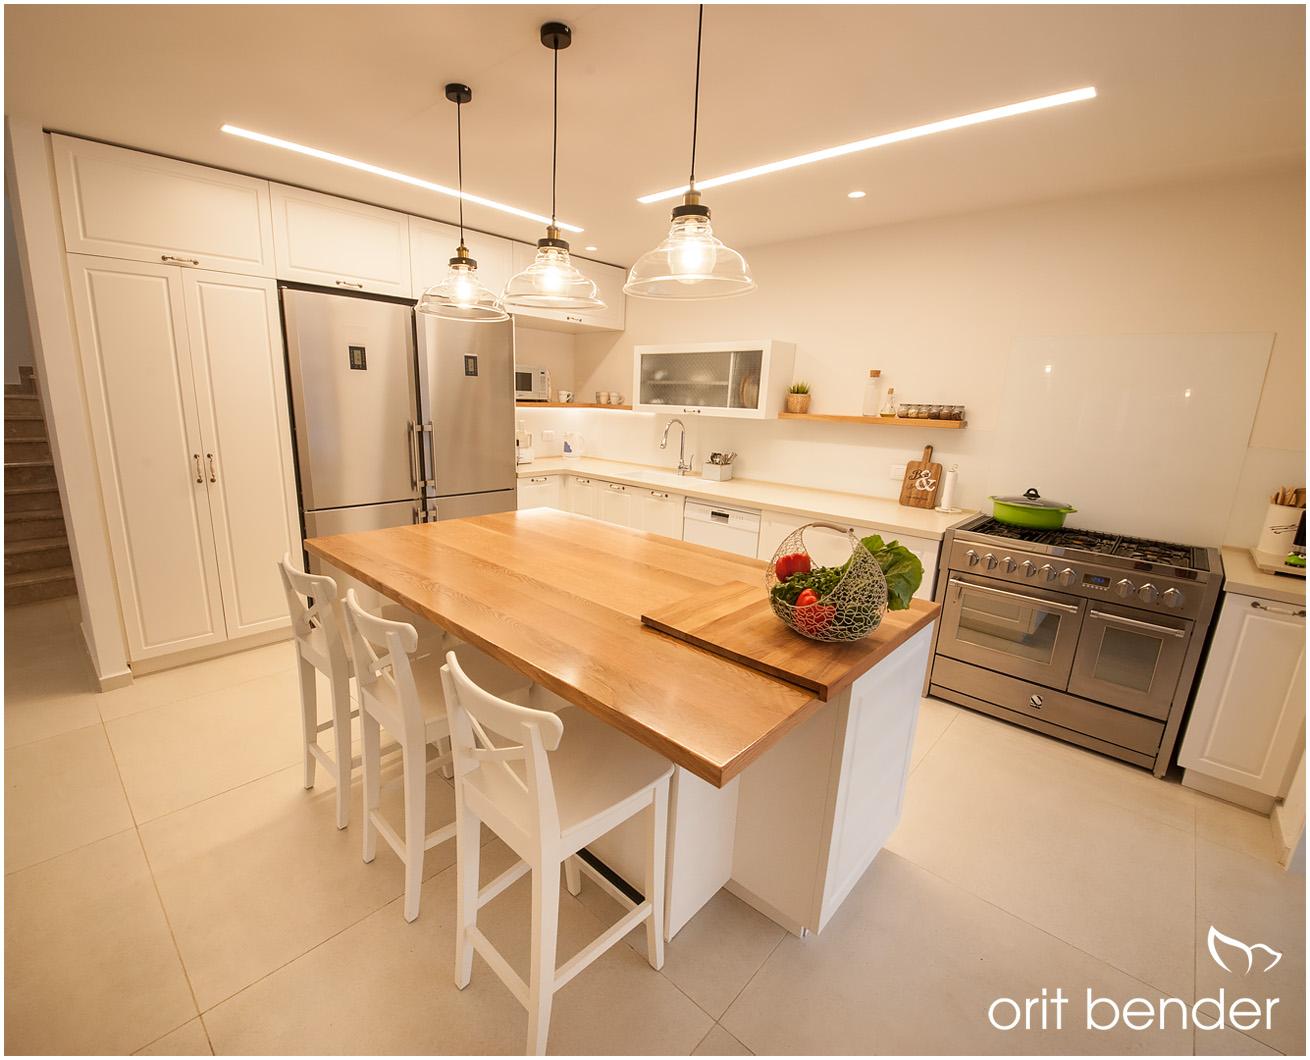 עיצוב מטבח בבית משופץ בשוהם